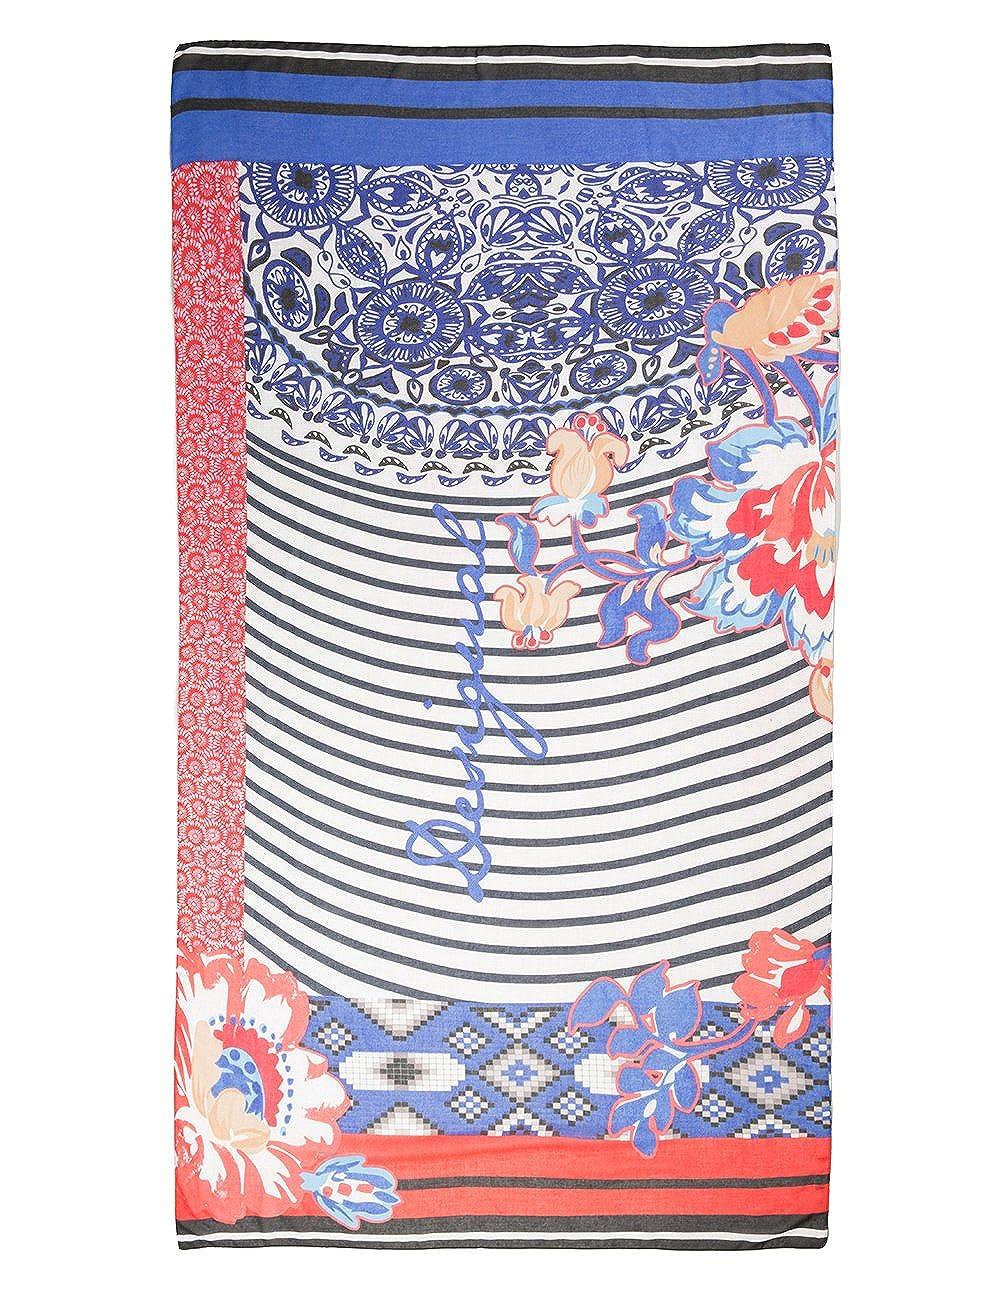 Desigual Kimera - Écharpe - Imprimé - Femme - Bleu (Azul Mazarine) - Taille  unique (Taille fabricant  Taille Unique)  Amazon.fr  Vêtements et  accessoires f003426a11a